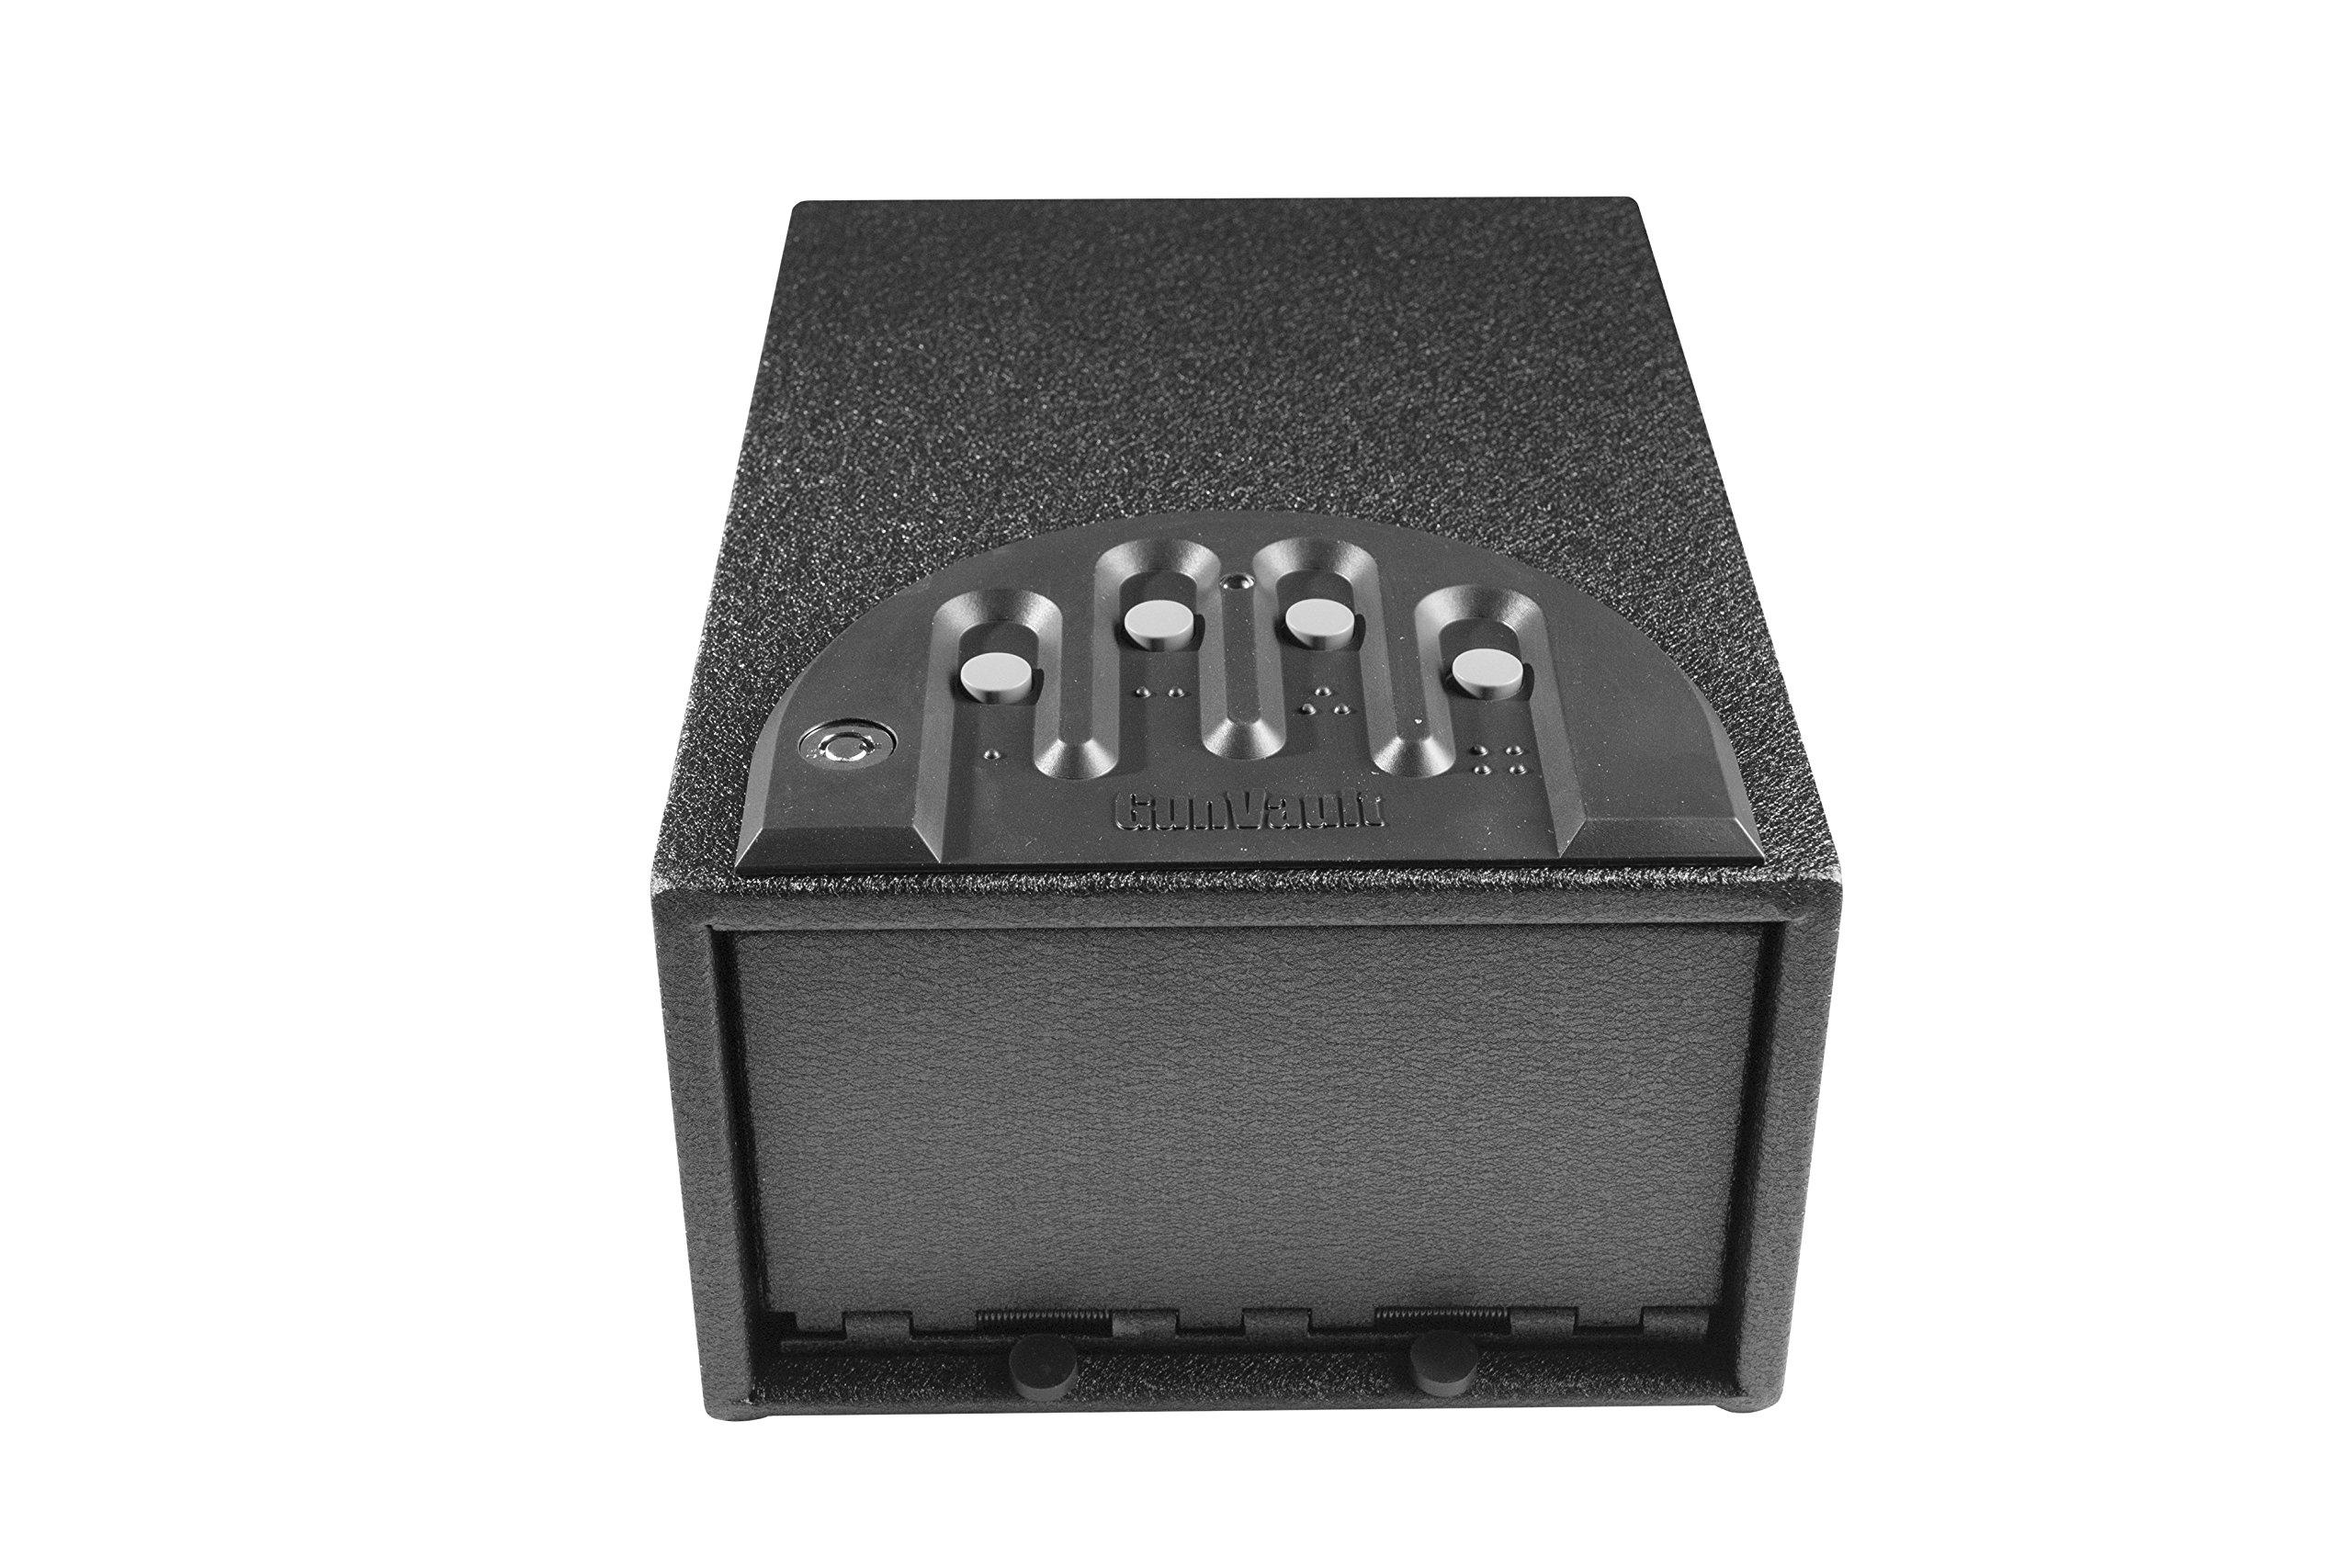 GunVault GV1000C-STD Mini Vault Standard Gun Safe by GunVault (Image #3)